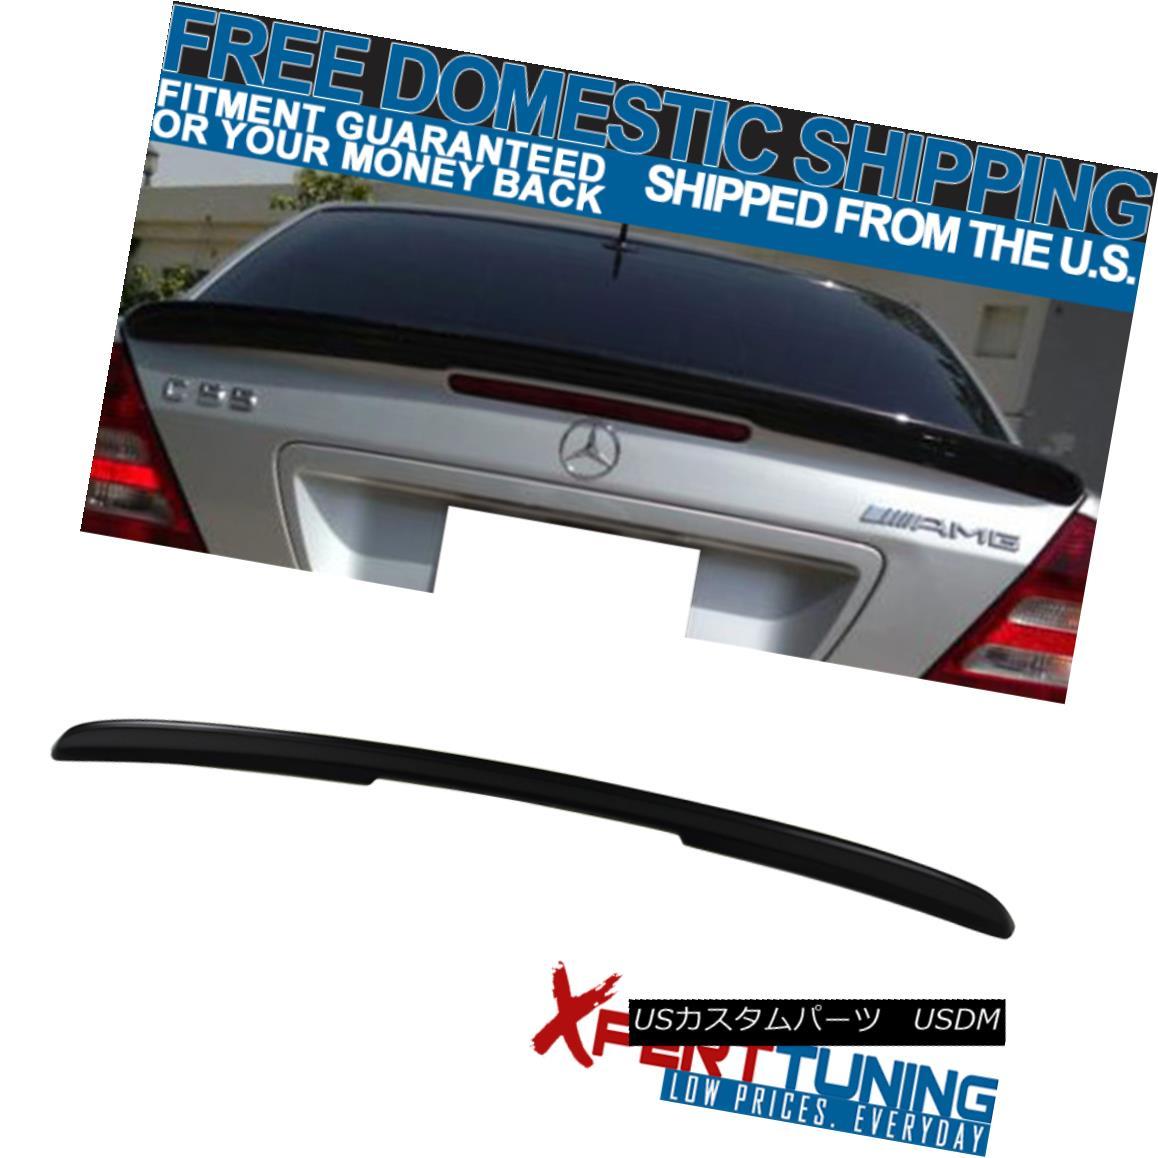 エアロパーツ Fit For 01-07 Benz C-Class W203 4Dr Sedan AMG Style Unpainted ABS Trunk Spoiler フィット01-07ベンツCクラスW203 4DrセダンAMGスタイル無塗装ABSトランクスポイラー